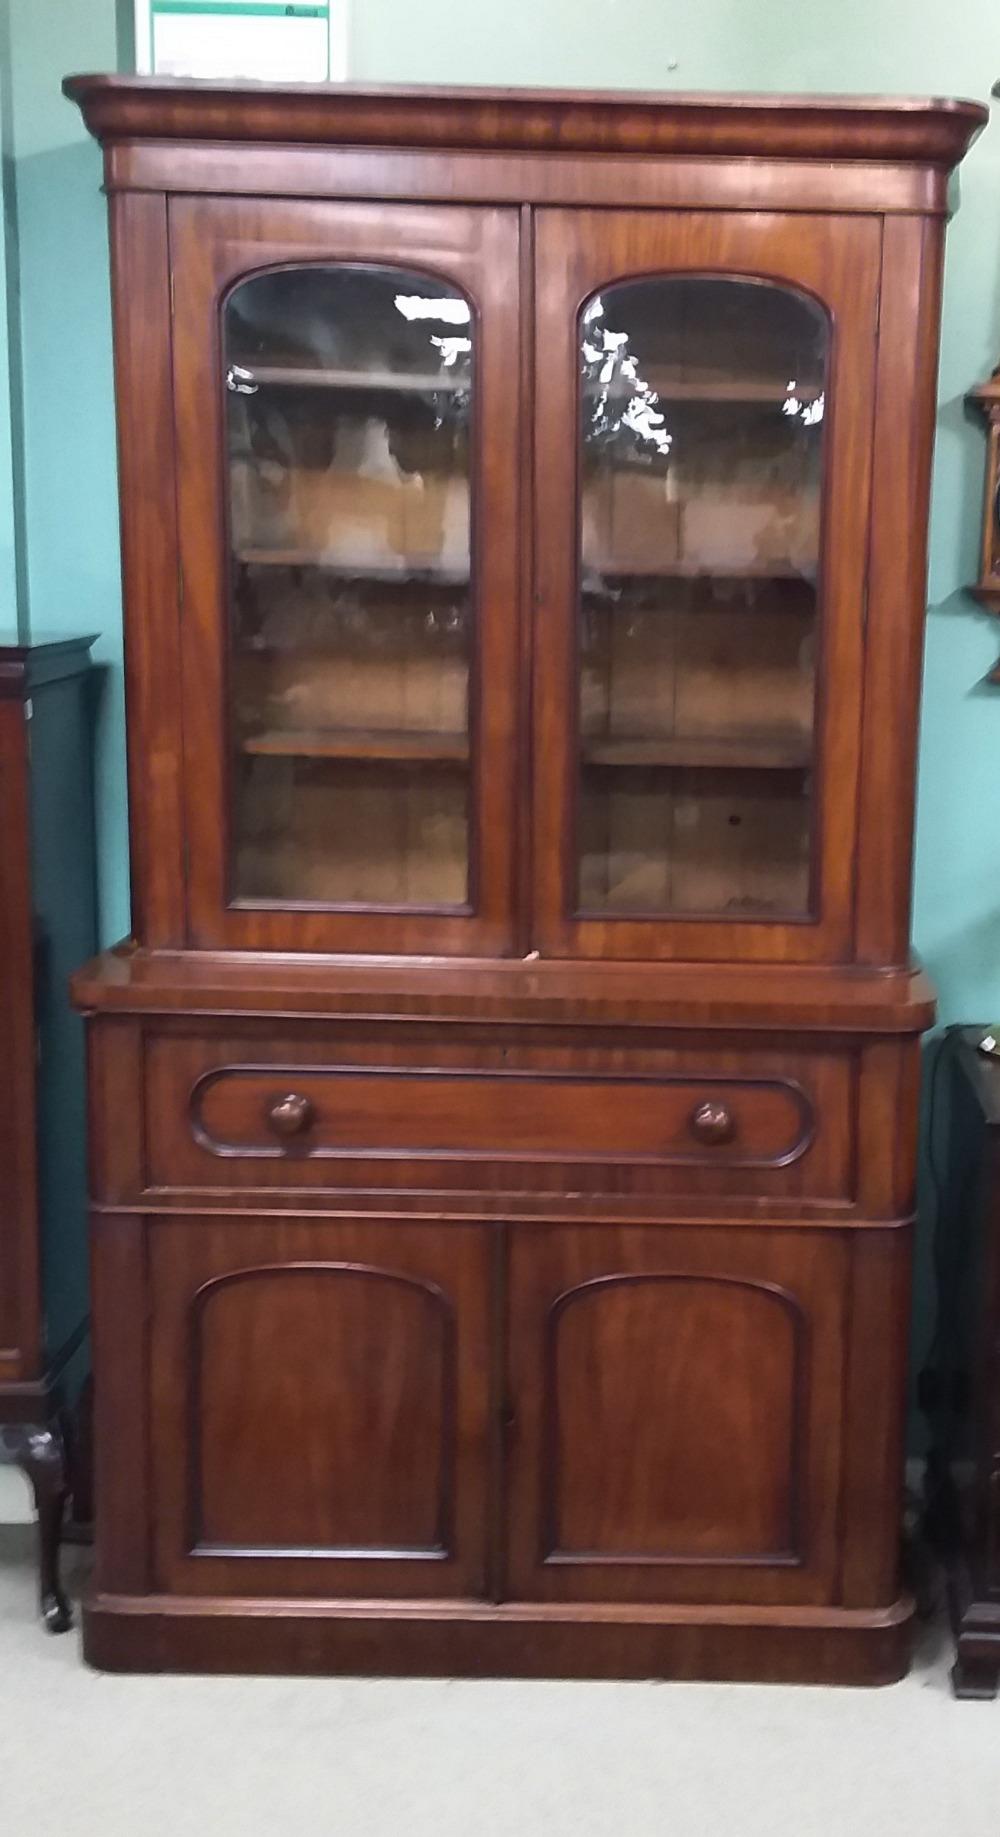 Lot 39 - Vict Mahogany Arched Door Secretaire Bookcase Dimensions:130cm W 50cm D 220cm H